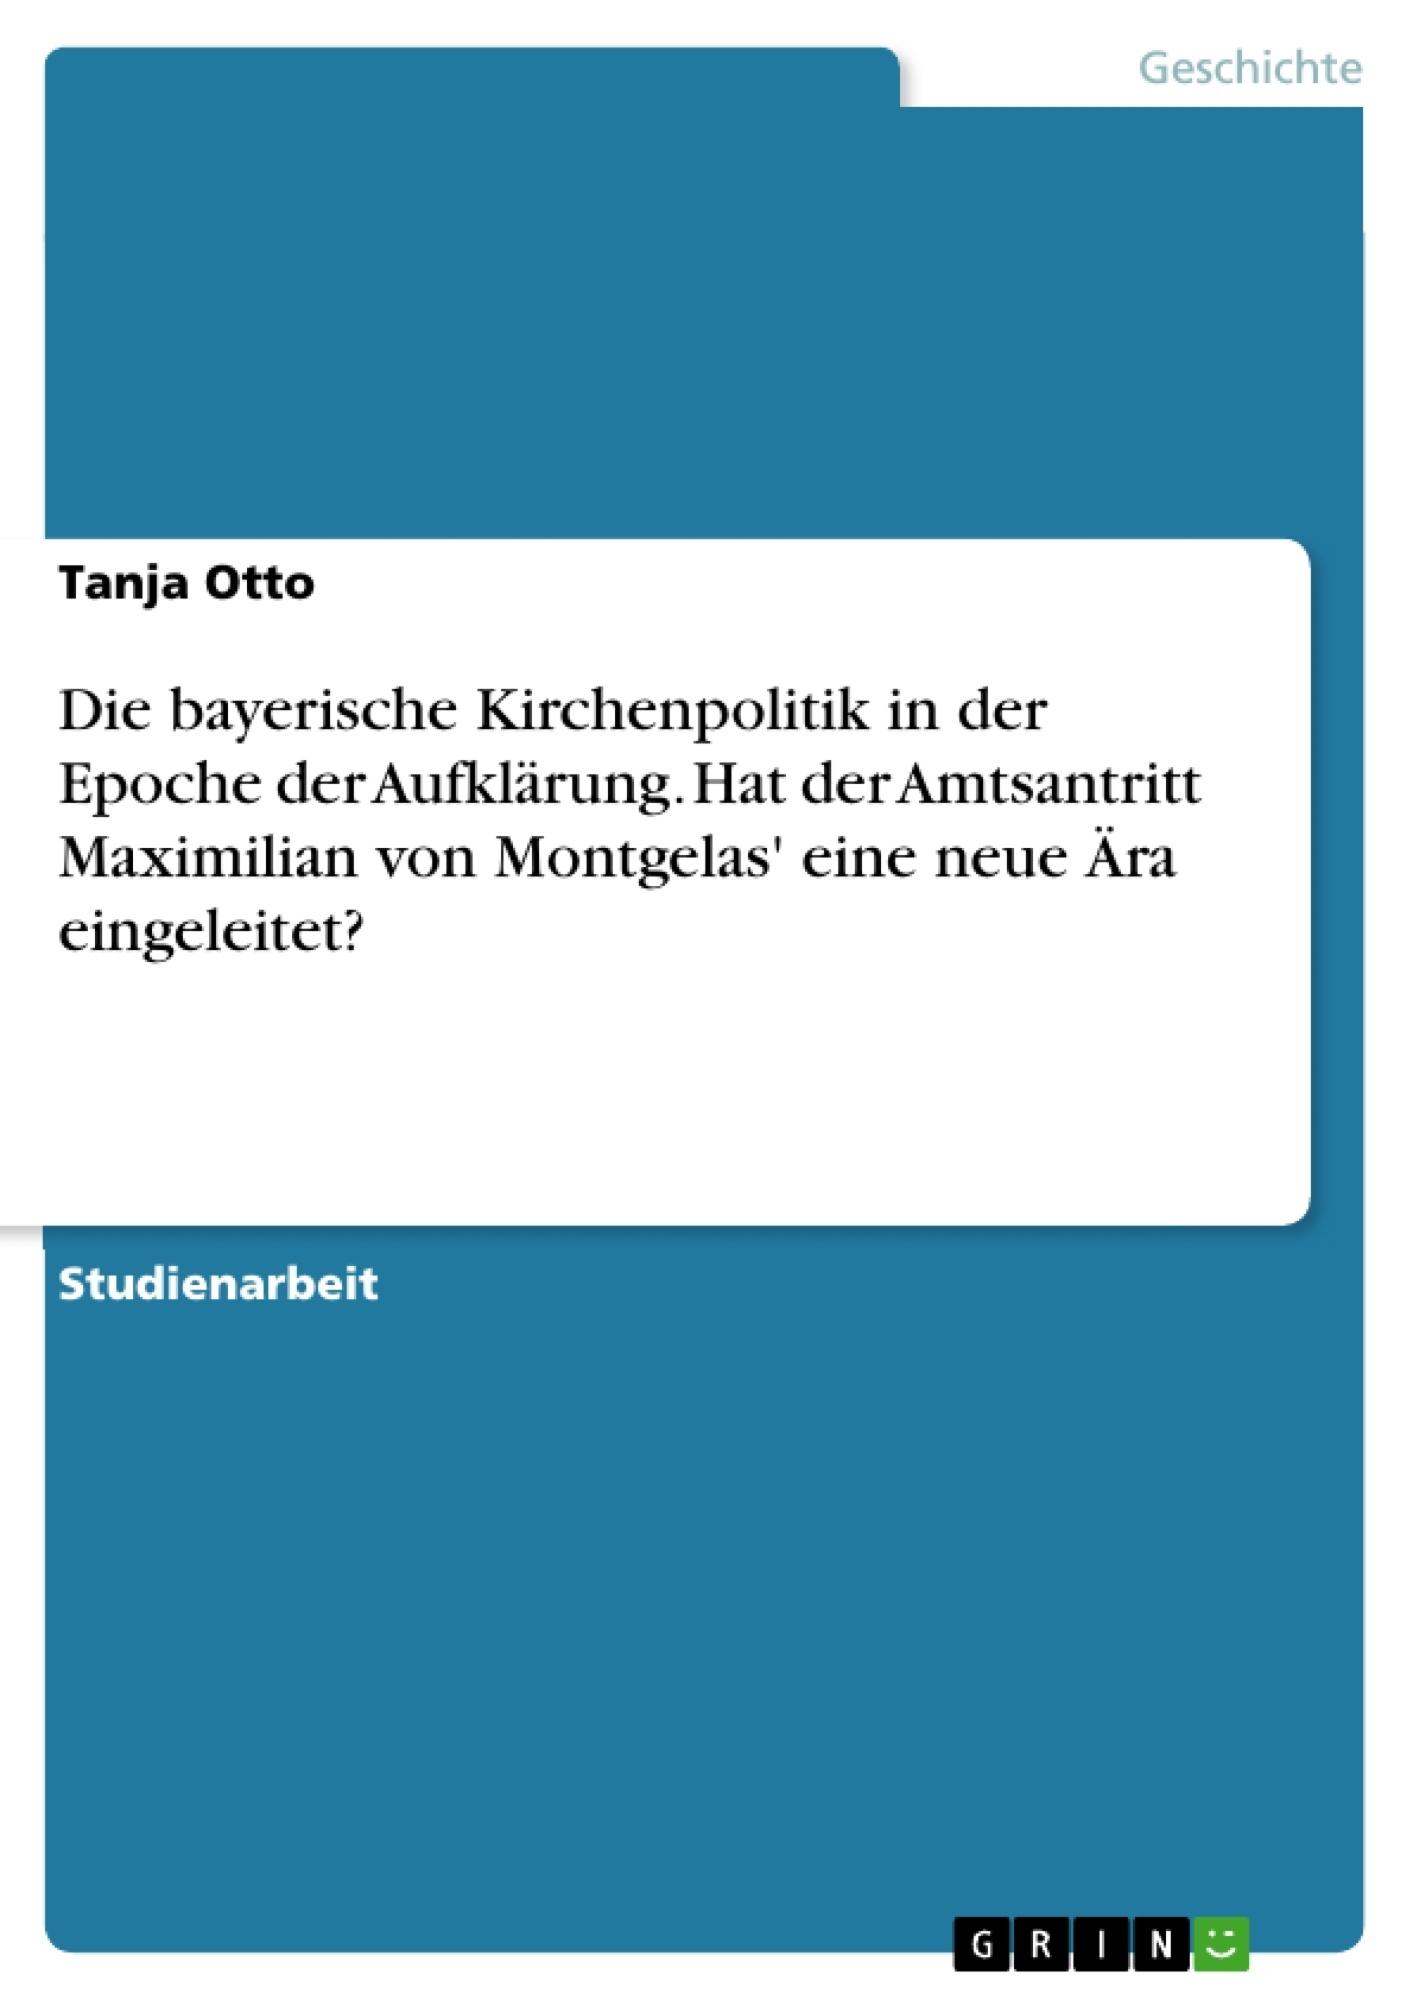 Titel: Die bayerische Kirchenpolitik in der Epoche der Aufklärung. Hat der Amtsantritt Maximilian von Montgelas' eine neue Ära eingeleitet?